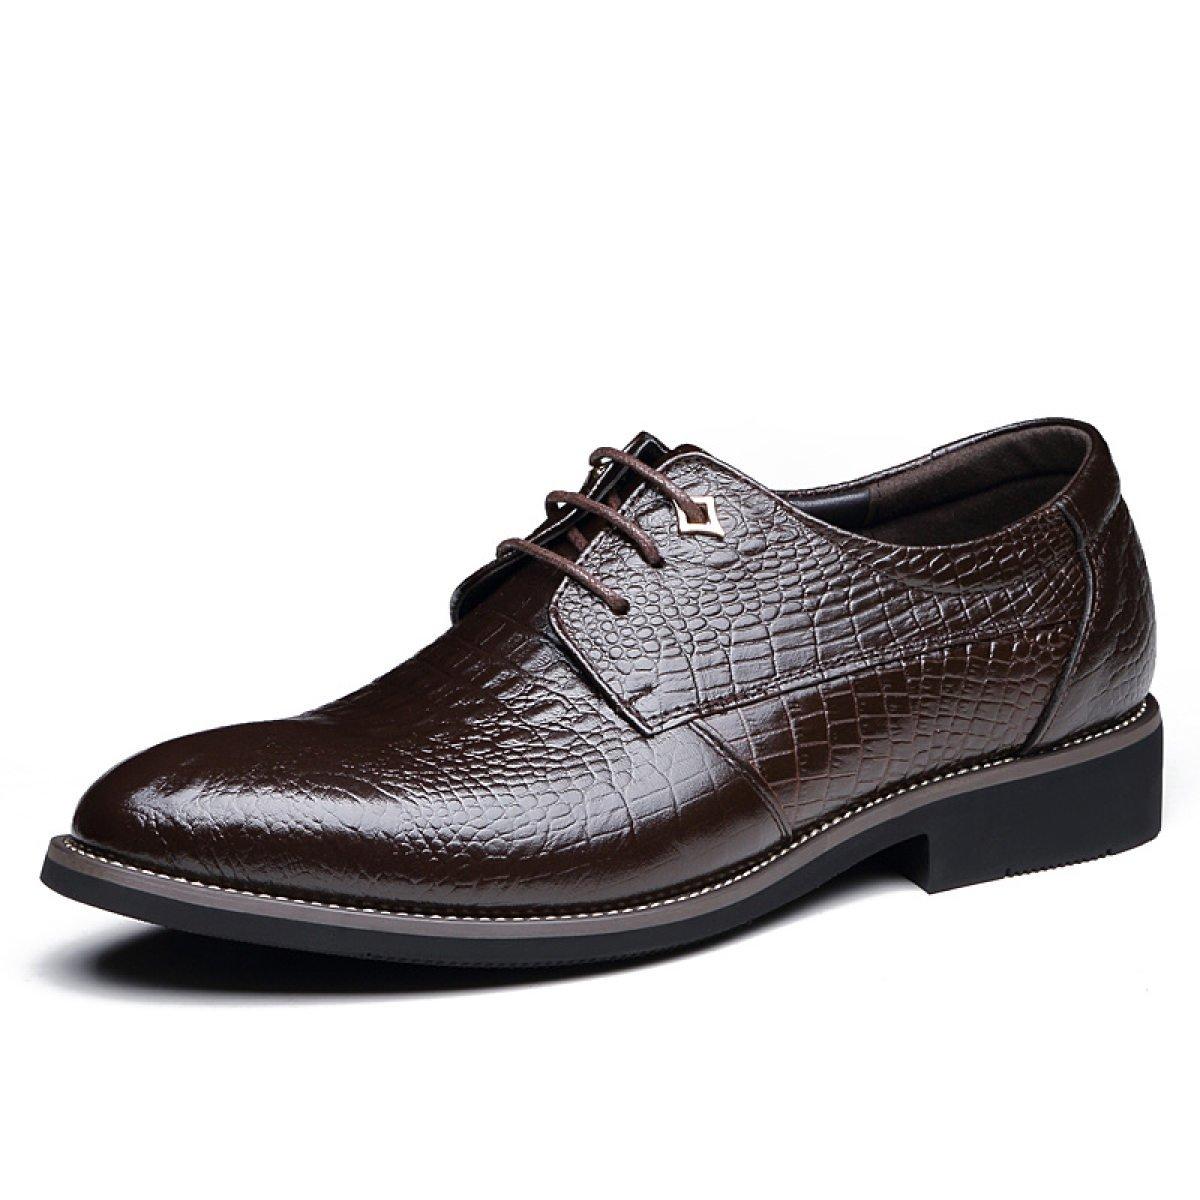 Los Hombres De Cuero Británico Corbatas Cocodrilo Patrón Vestido Oxford Zapatos Negro Marrón GTYMFHcompany